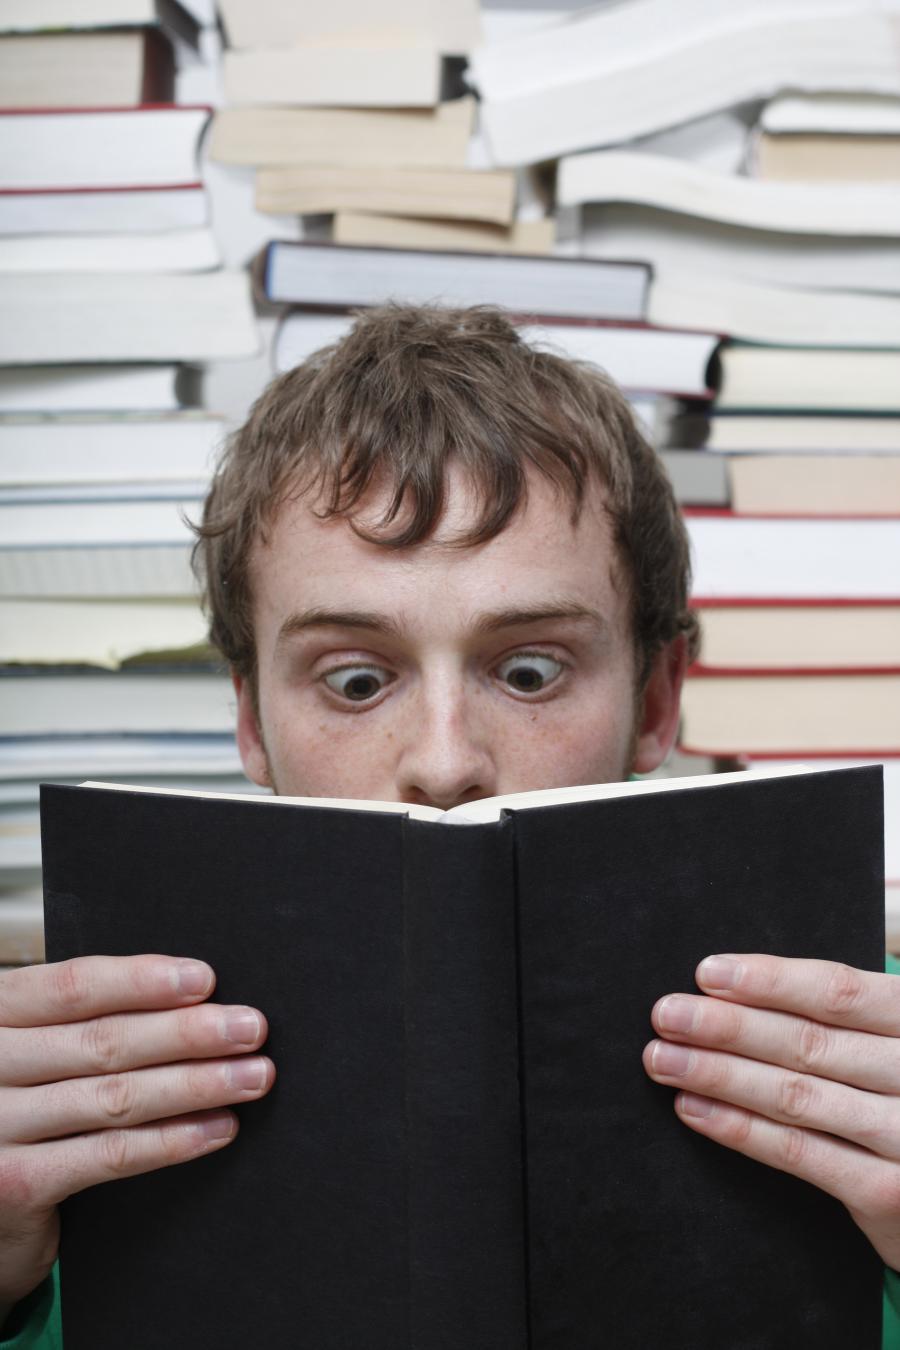 Når bogen fanger....